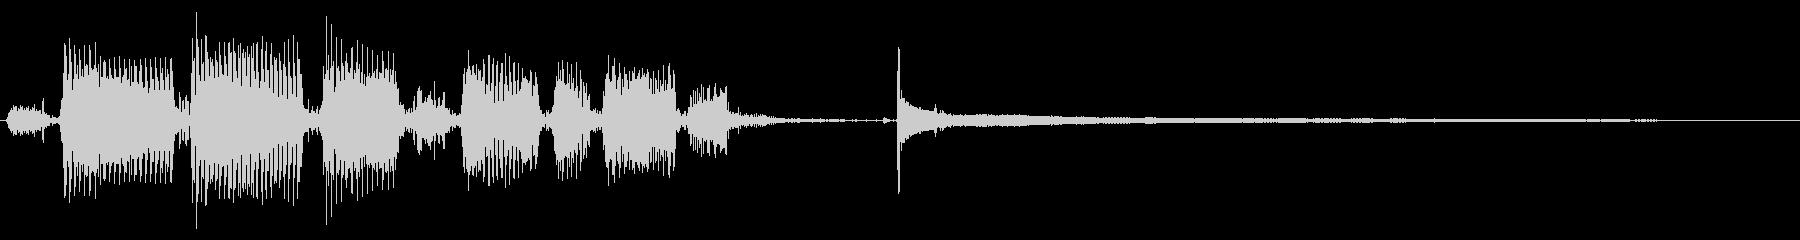 【エレキギター】クリーントーンの未再生の波形